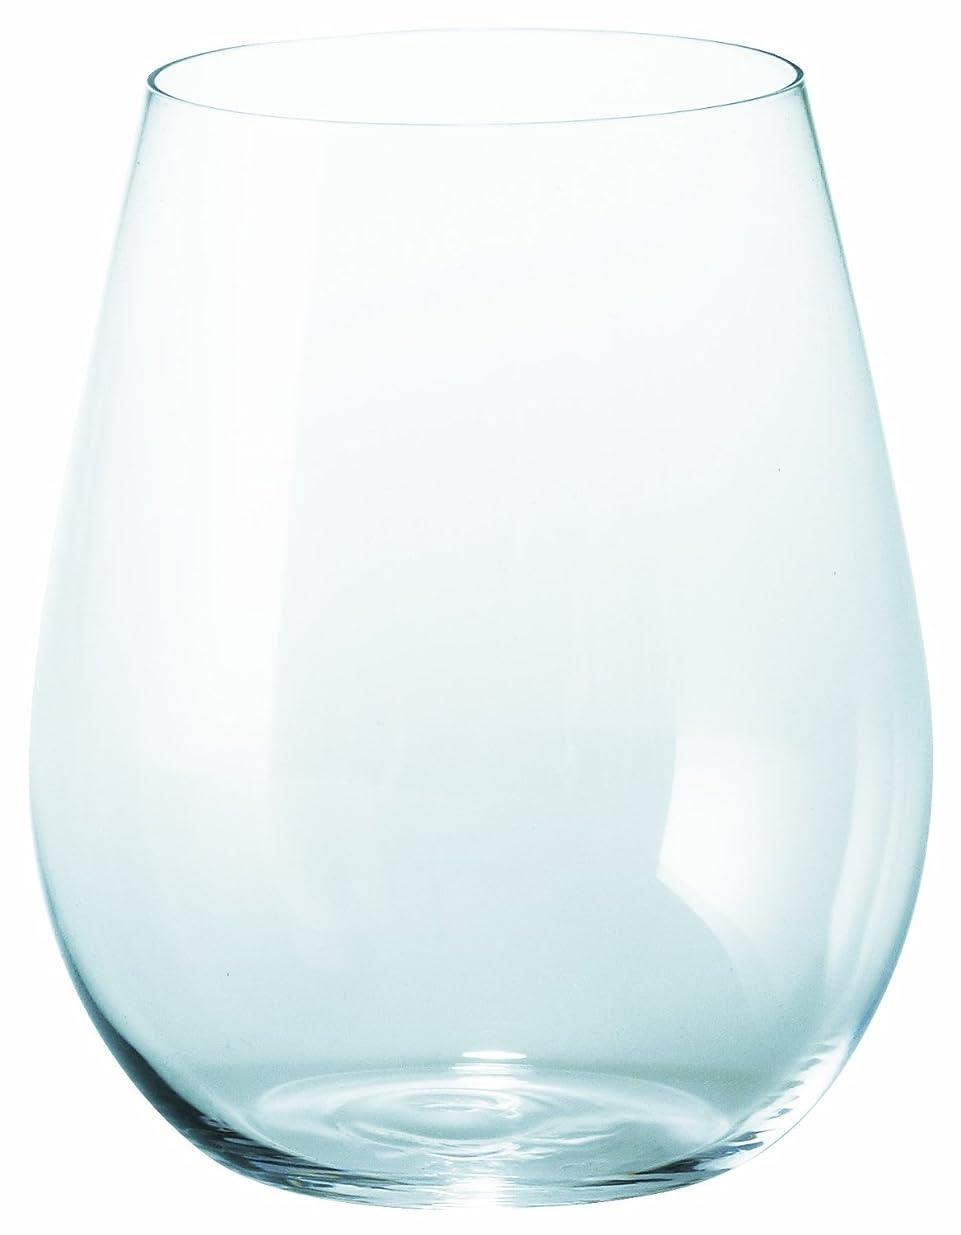 宣言する盗難リクルート松徳硝子 うすはり グラス 葡萄酒器 ボルドー 単品 330ml